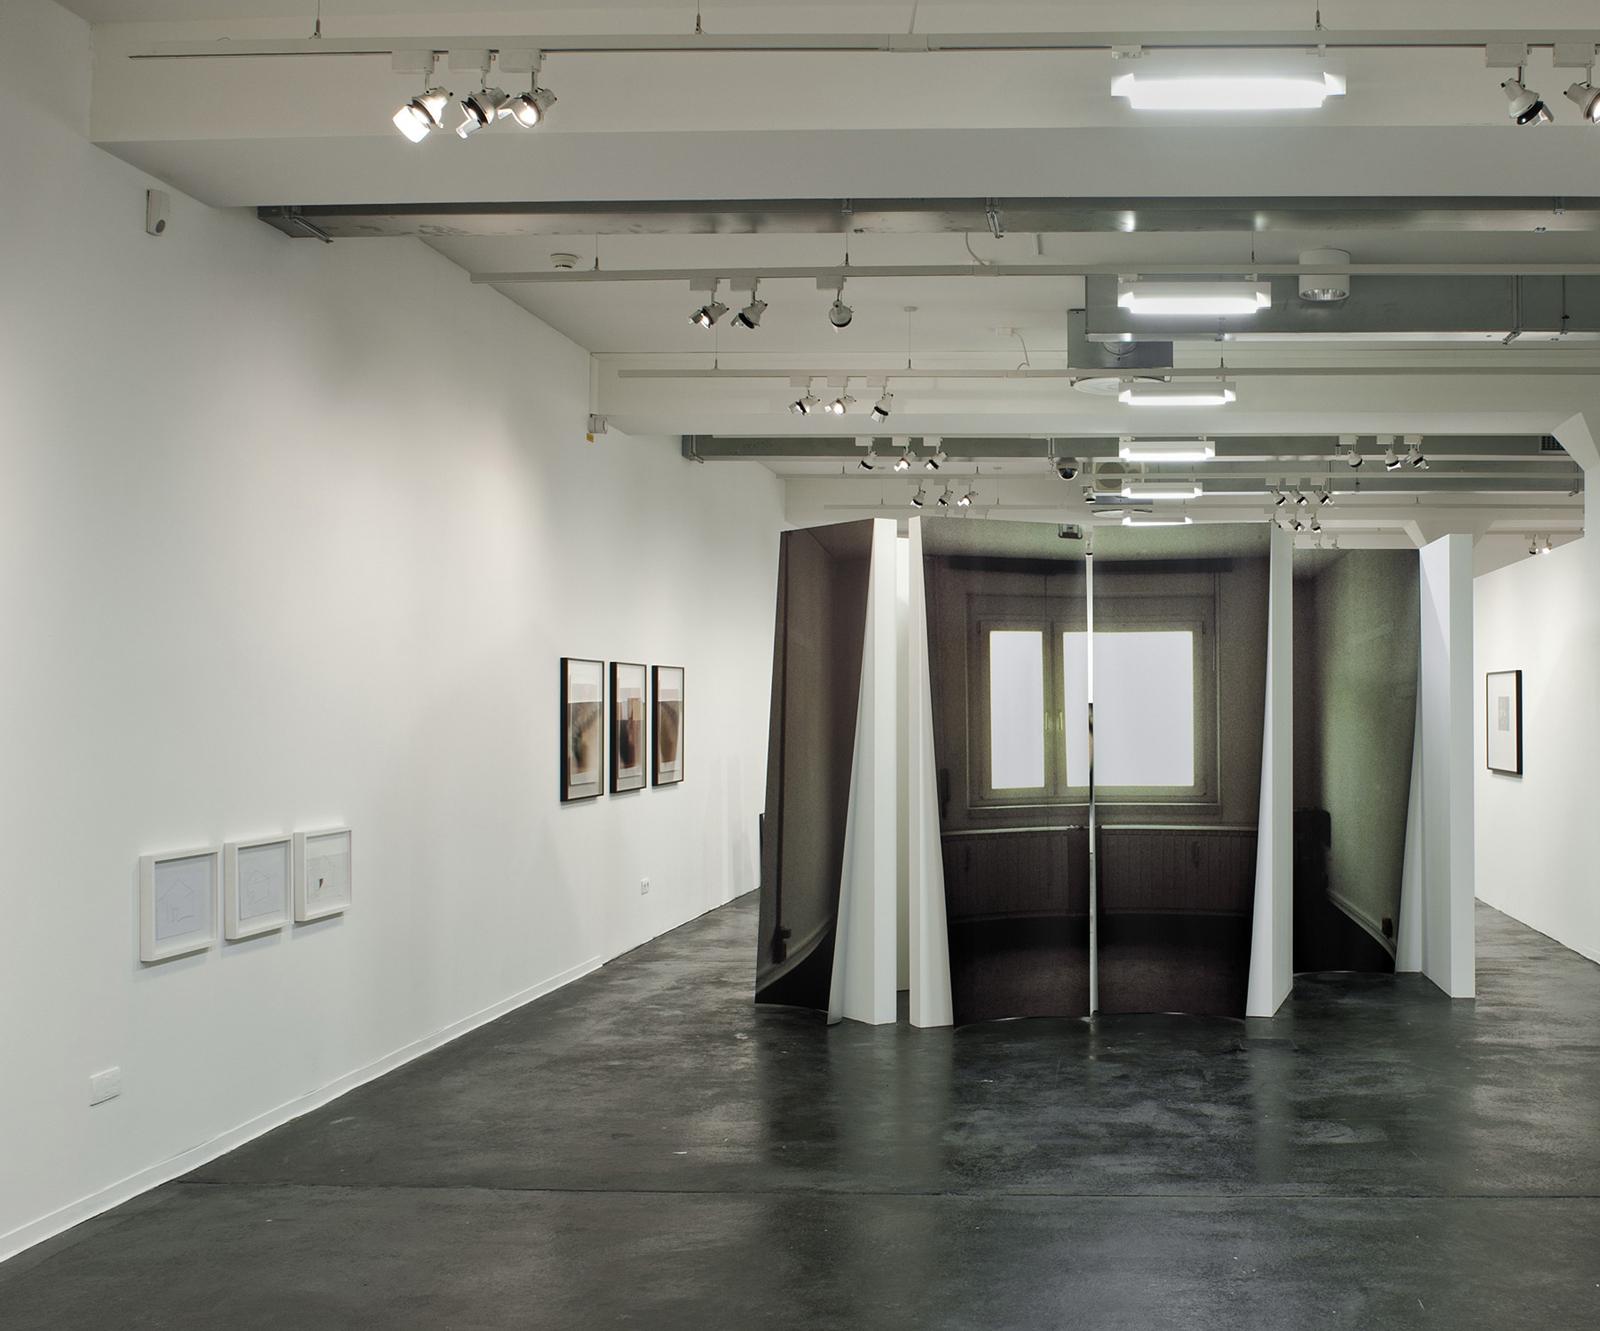 Totale Wohnung, Ausstellungsansicht, Zephyr – Raum für Fotografie Mannheim, © Susa Templin; Courtesy Galerie Thomas Rehbein, Foto: rem, Maria Schumann